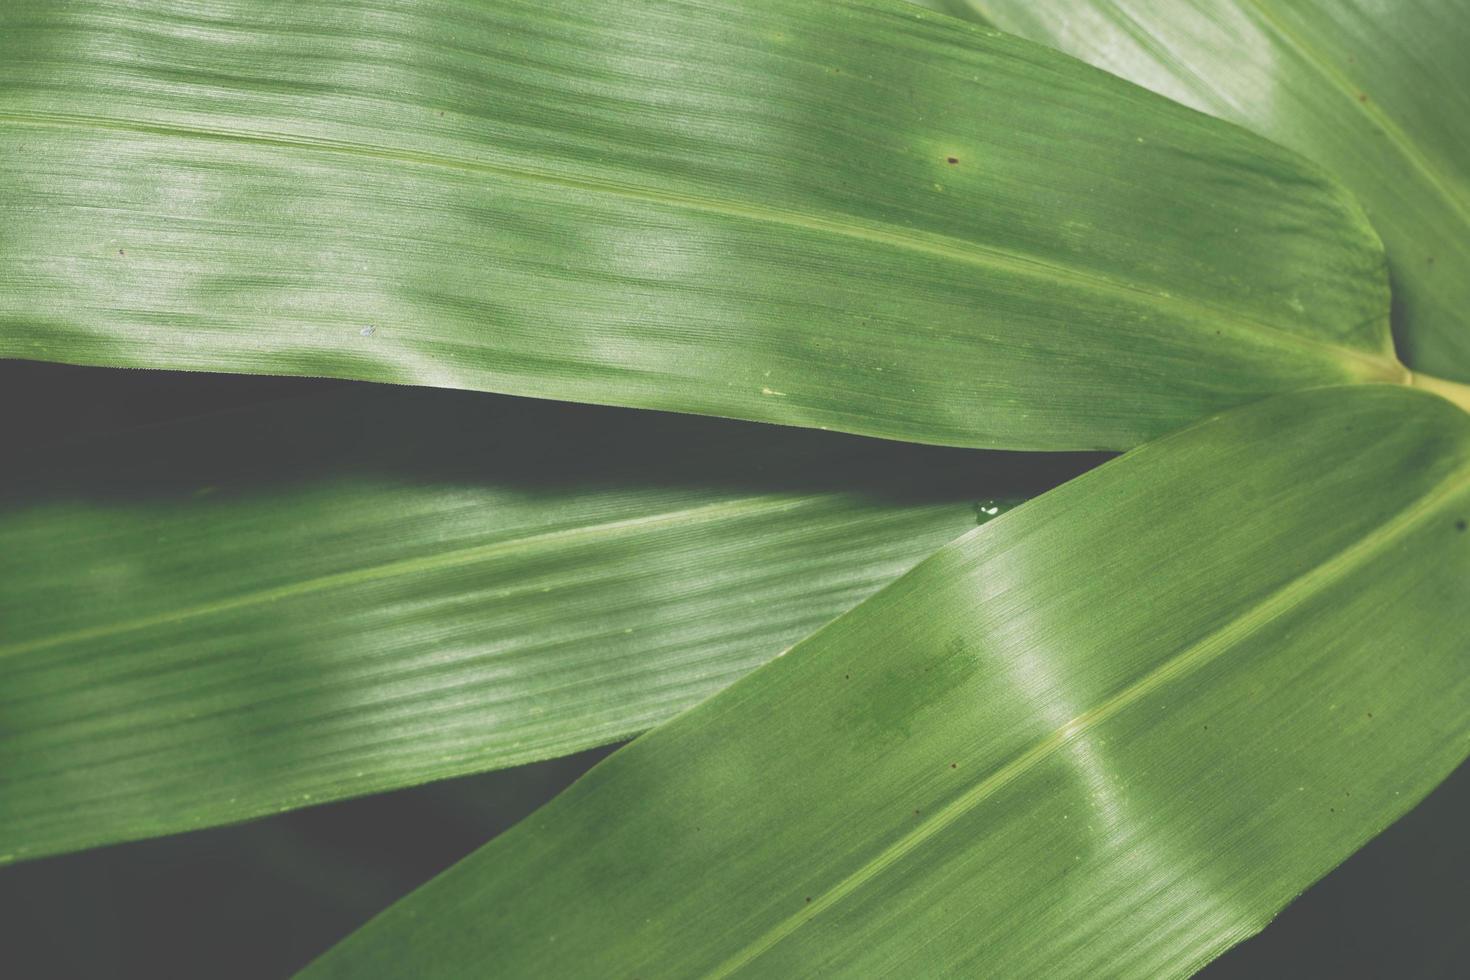 grüner Blätterhintergrund foto